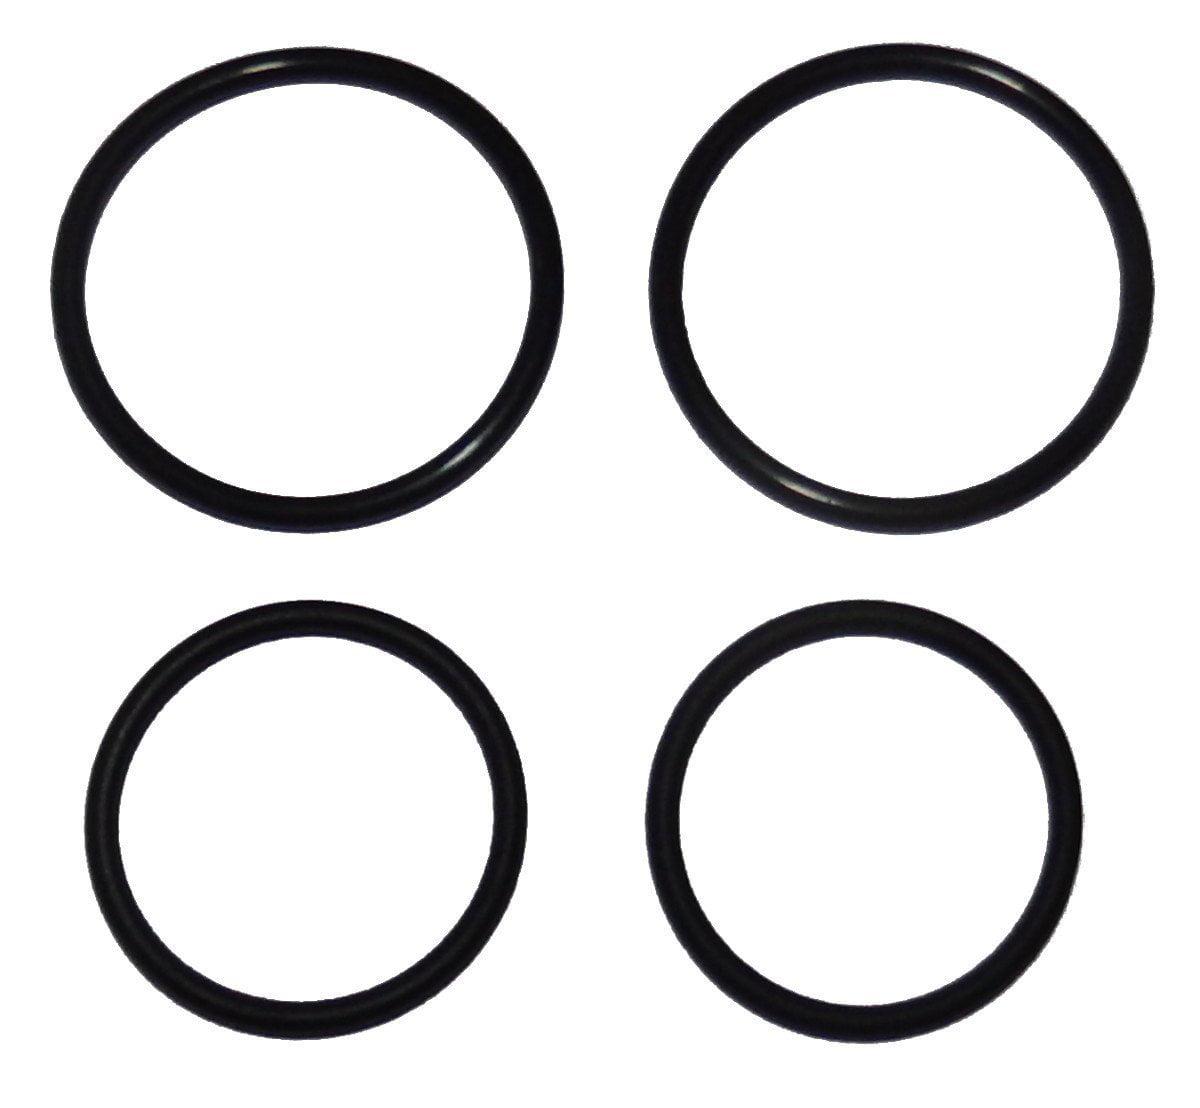 (2 sets) Remington O-Ring Barrel Seals for 1100 20 GA, 11-87 20 Gauge All Models STD LT LW SP by